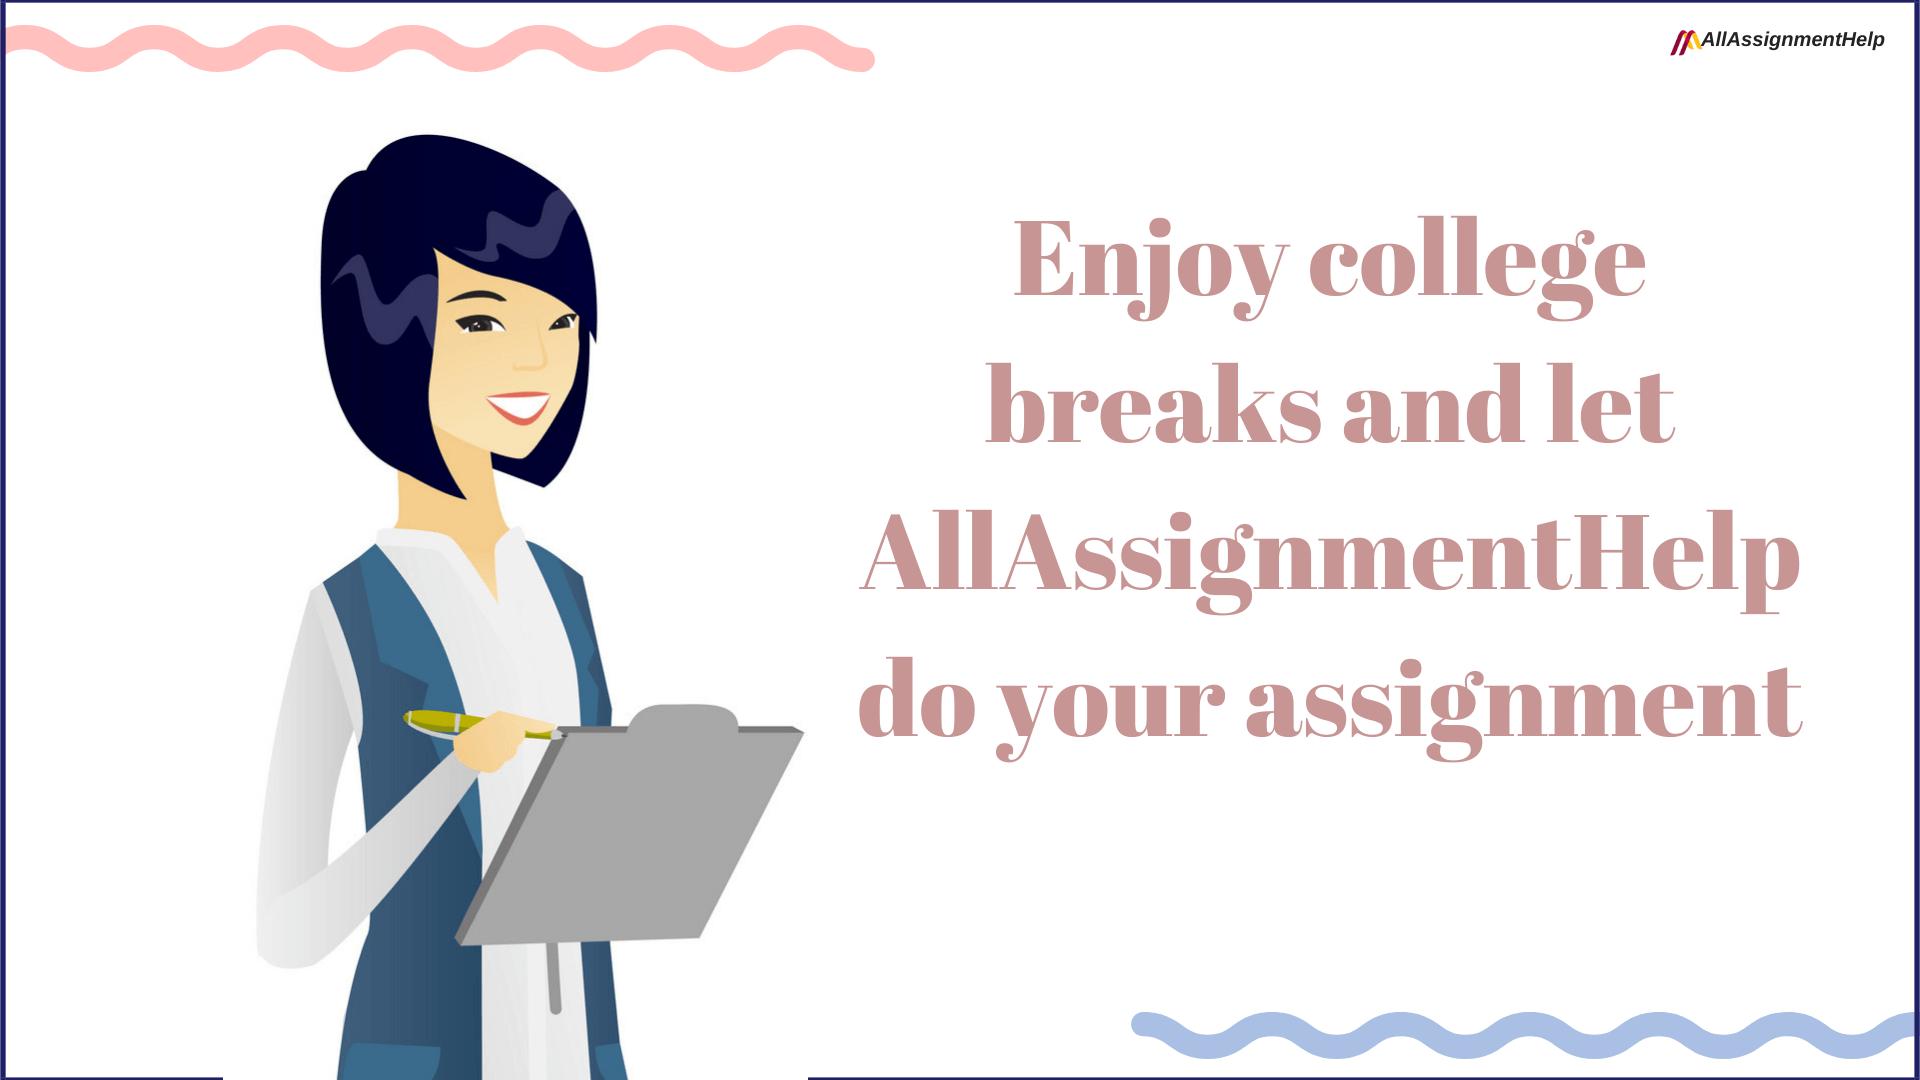 Enjoy college breaks